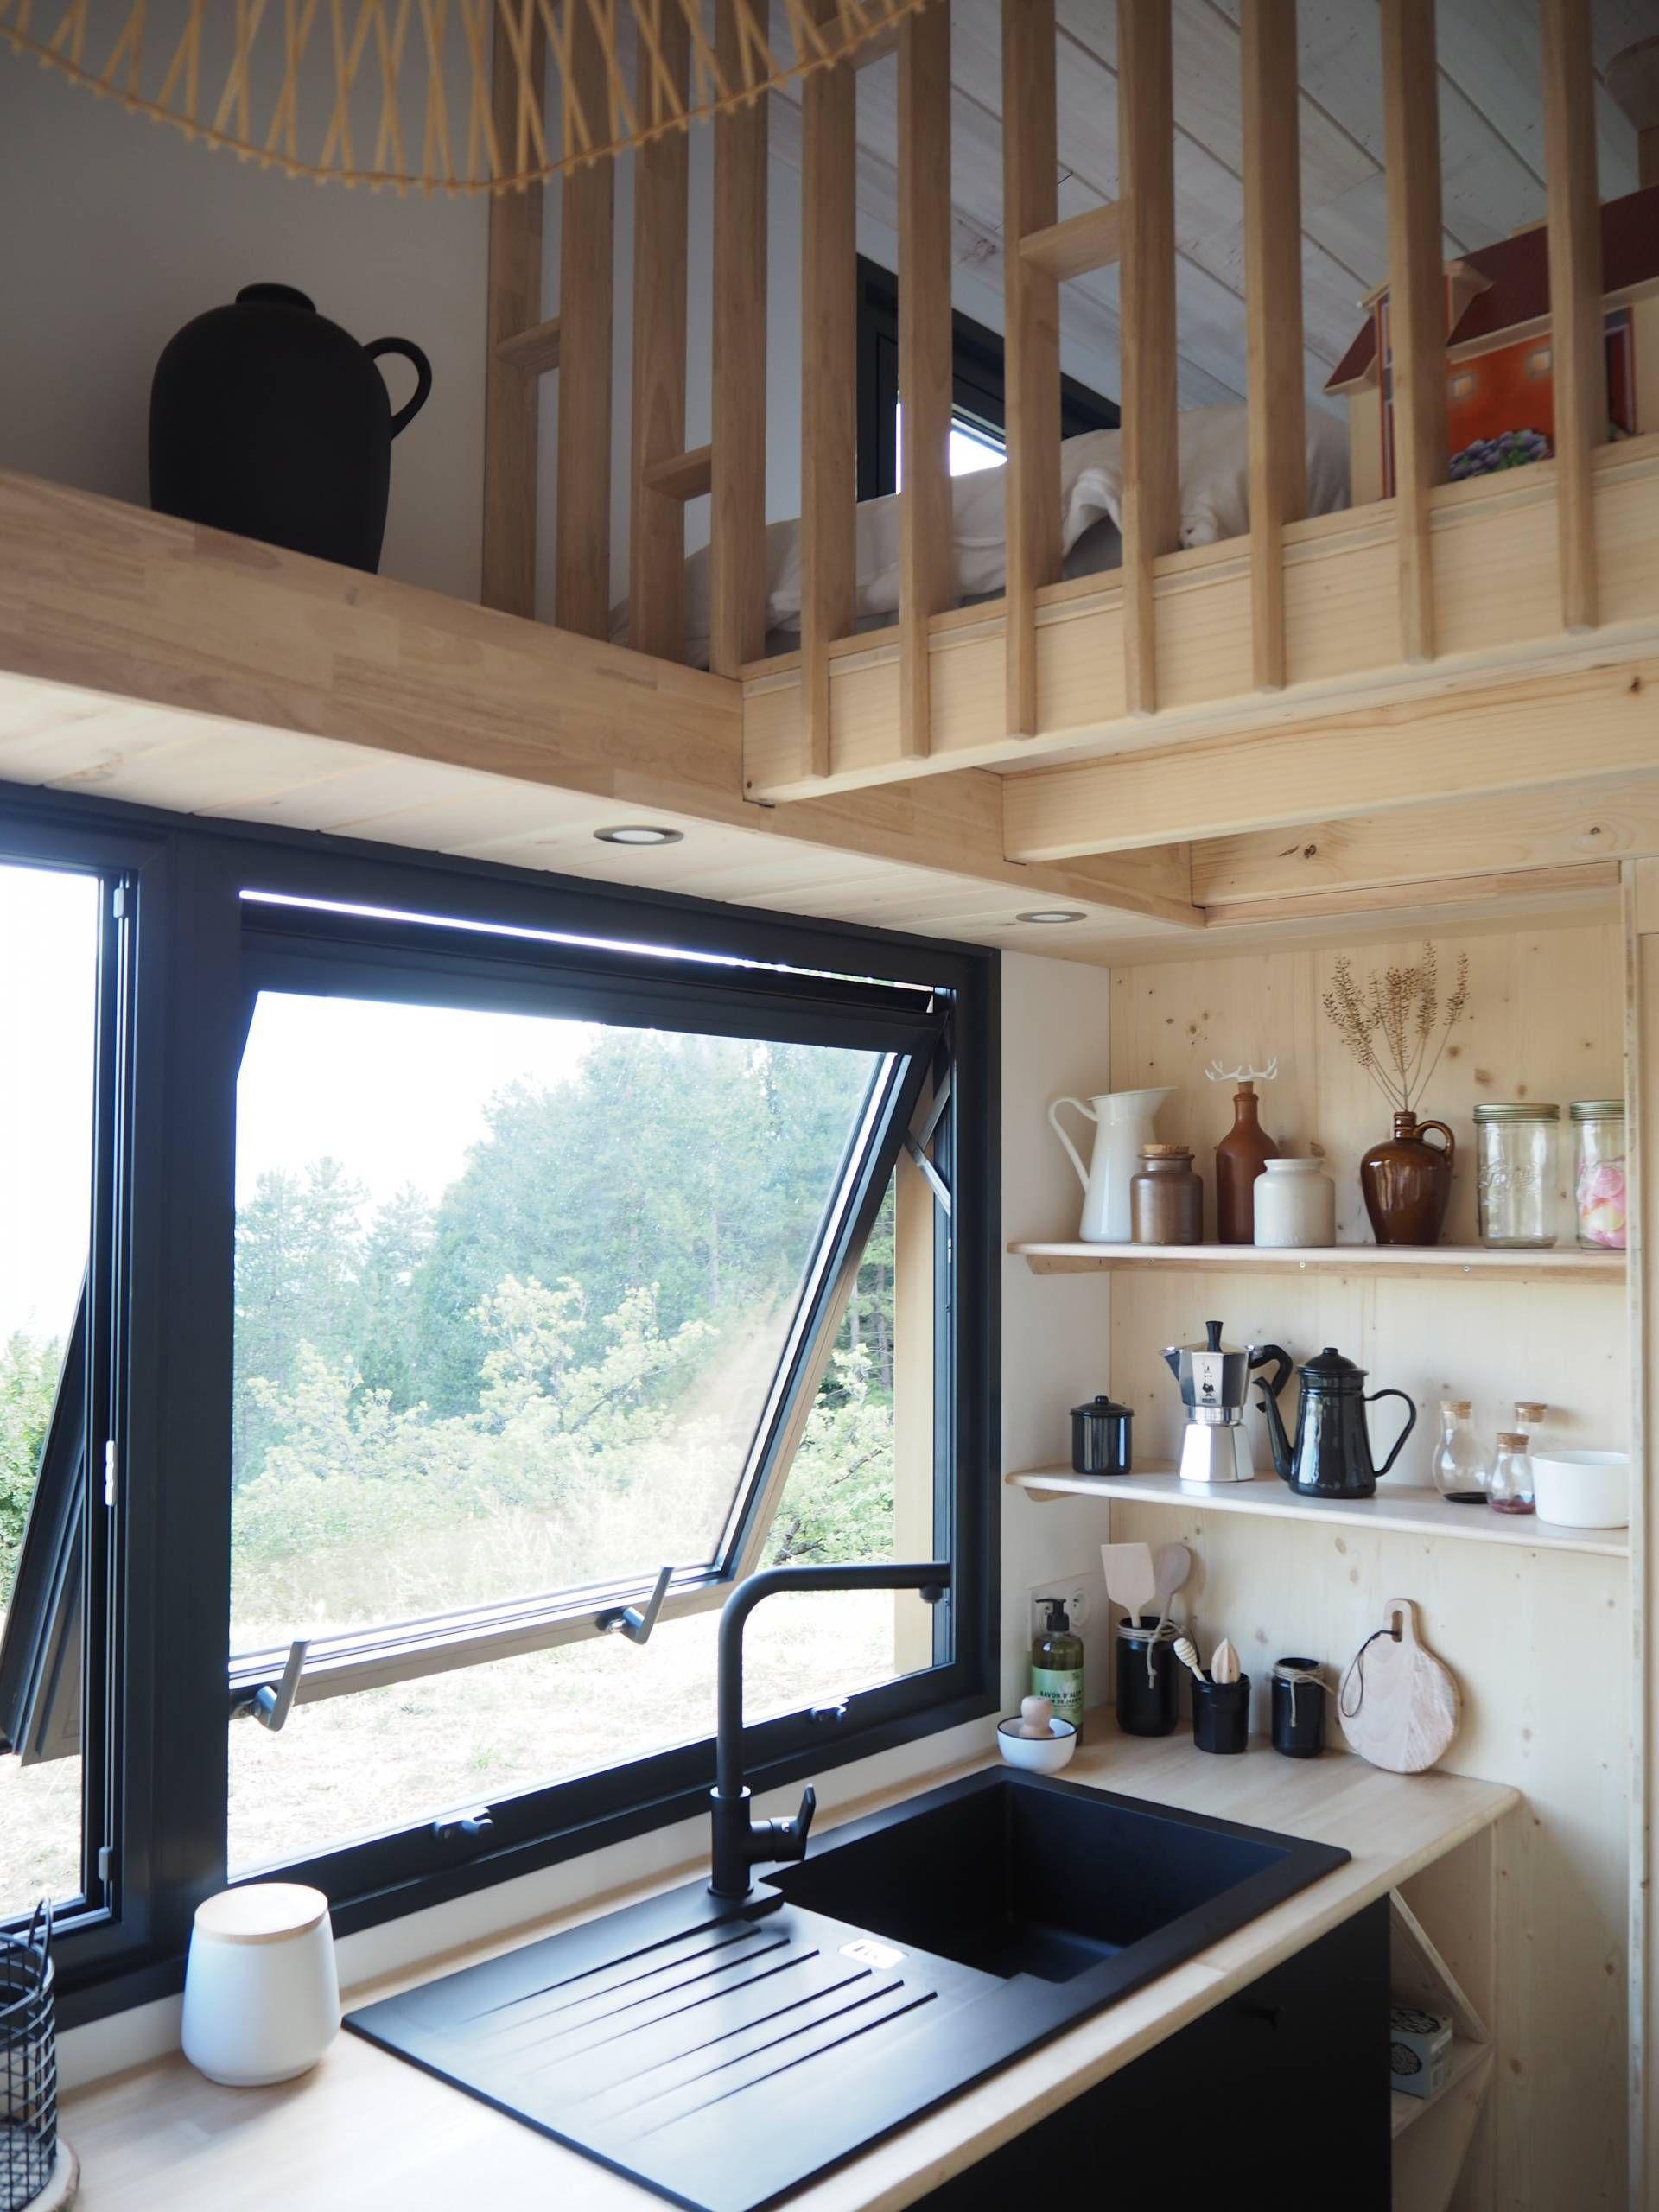 Bienvenue Dans La Tiny House Scandinave D Agnes Alias La Prune Du Jardin En 2020 Plancher Bois Maison Caisson Bois